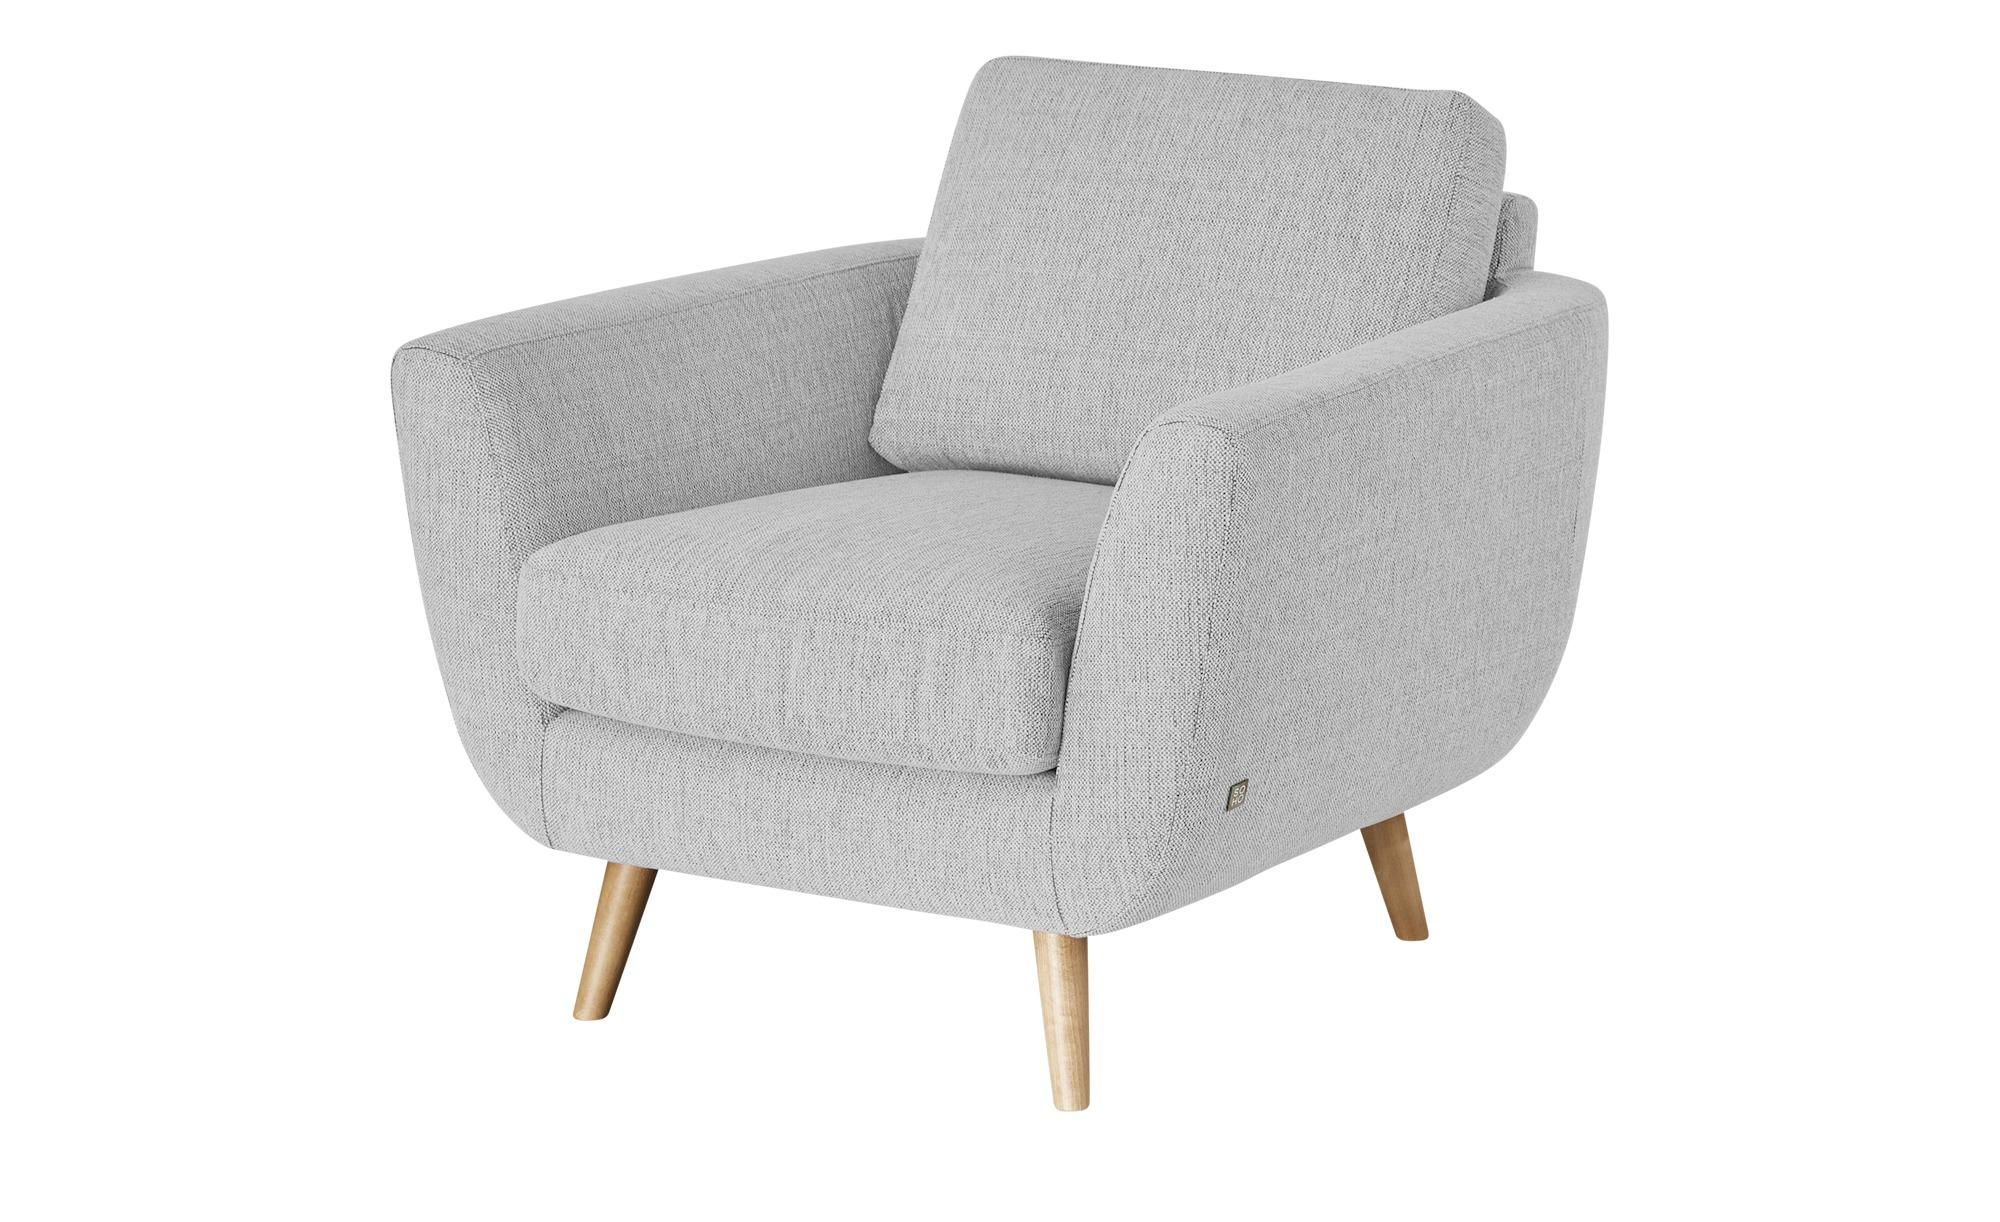 SOHO Sessel - grau - 94 cm - 85 cm - 93 cm - Polstermöbel > Sessel > Ohrensessel - Möbel Kraft | Wohnzimmer > Sessel > Ohrensessel | SOHO